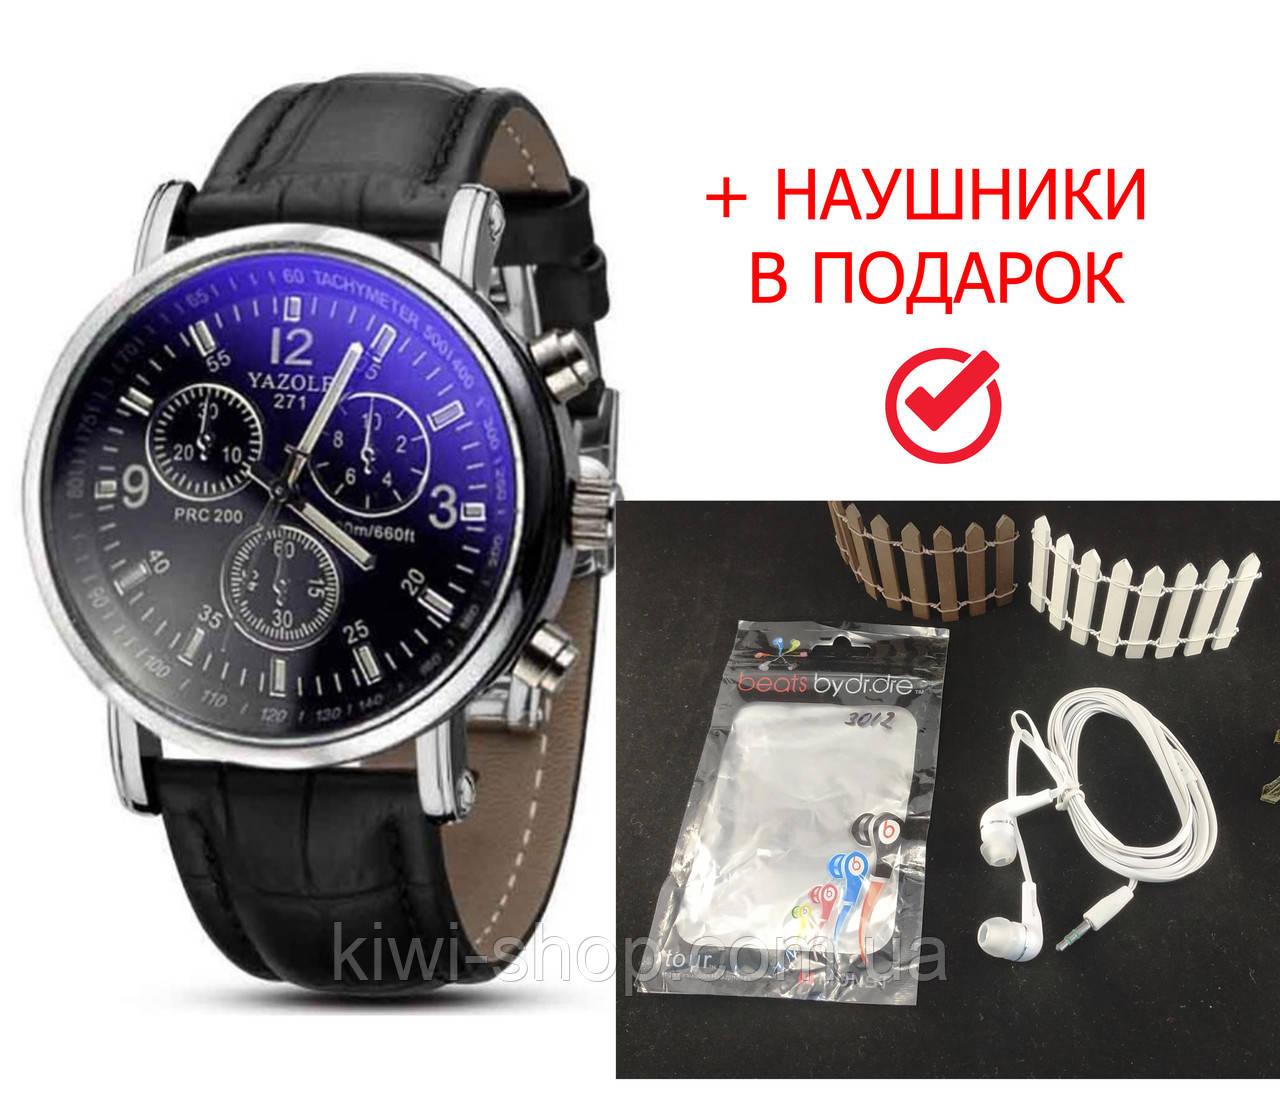 """Мужские классические наручные часы """"Yazole blue ray"""" черные, годинник чоловічий класичний Yazole кварцевий"""